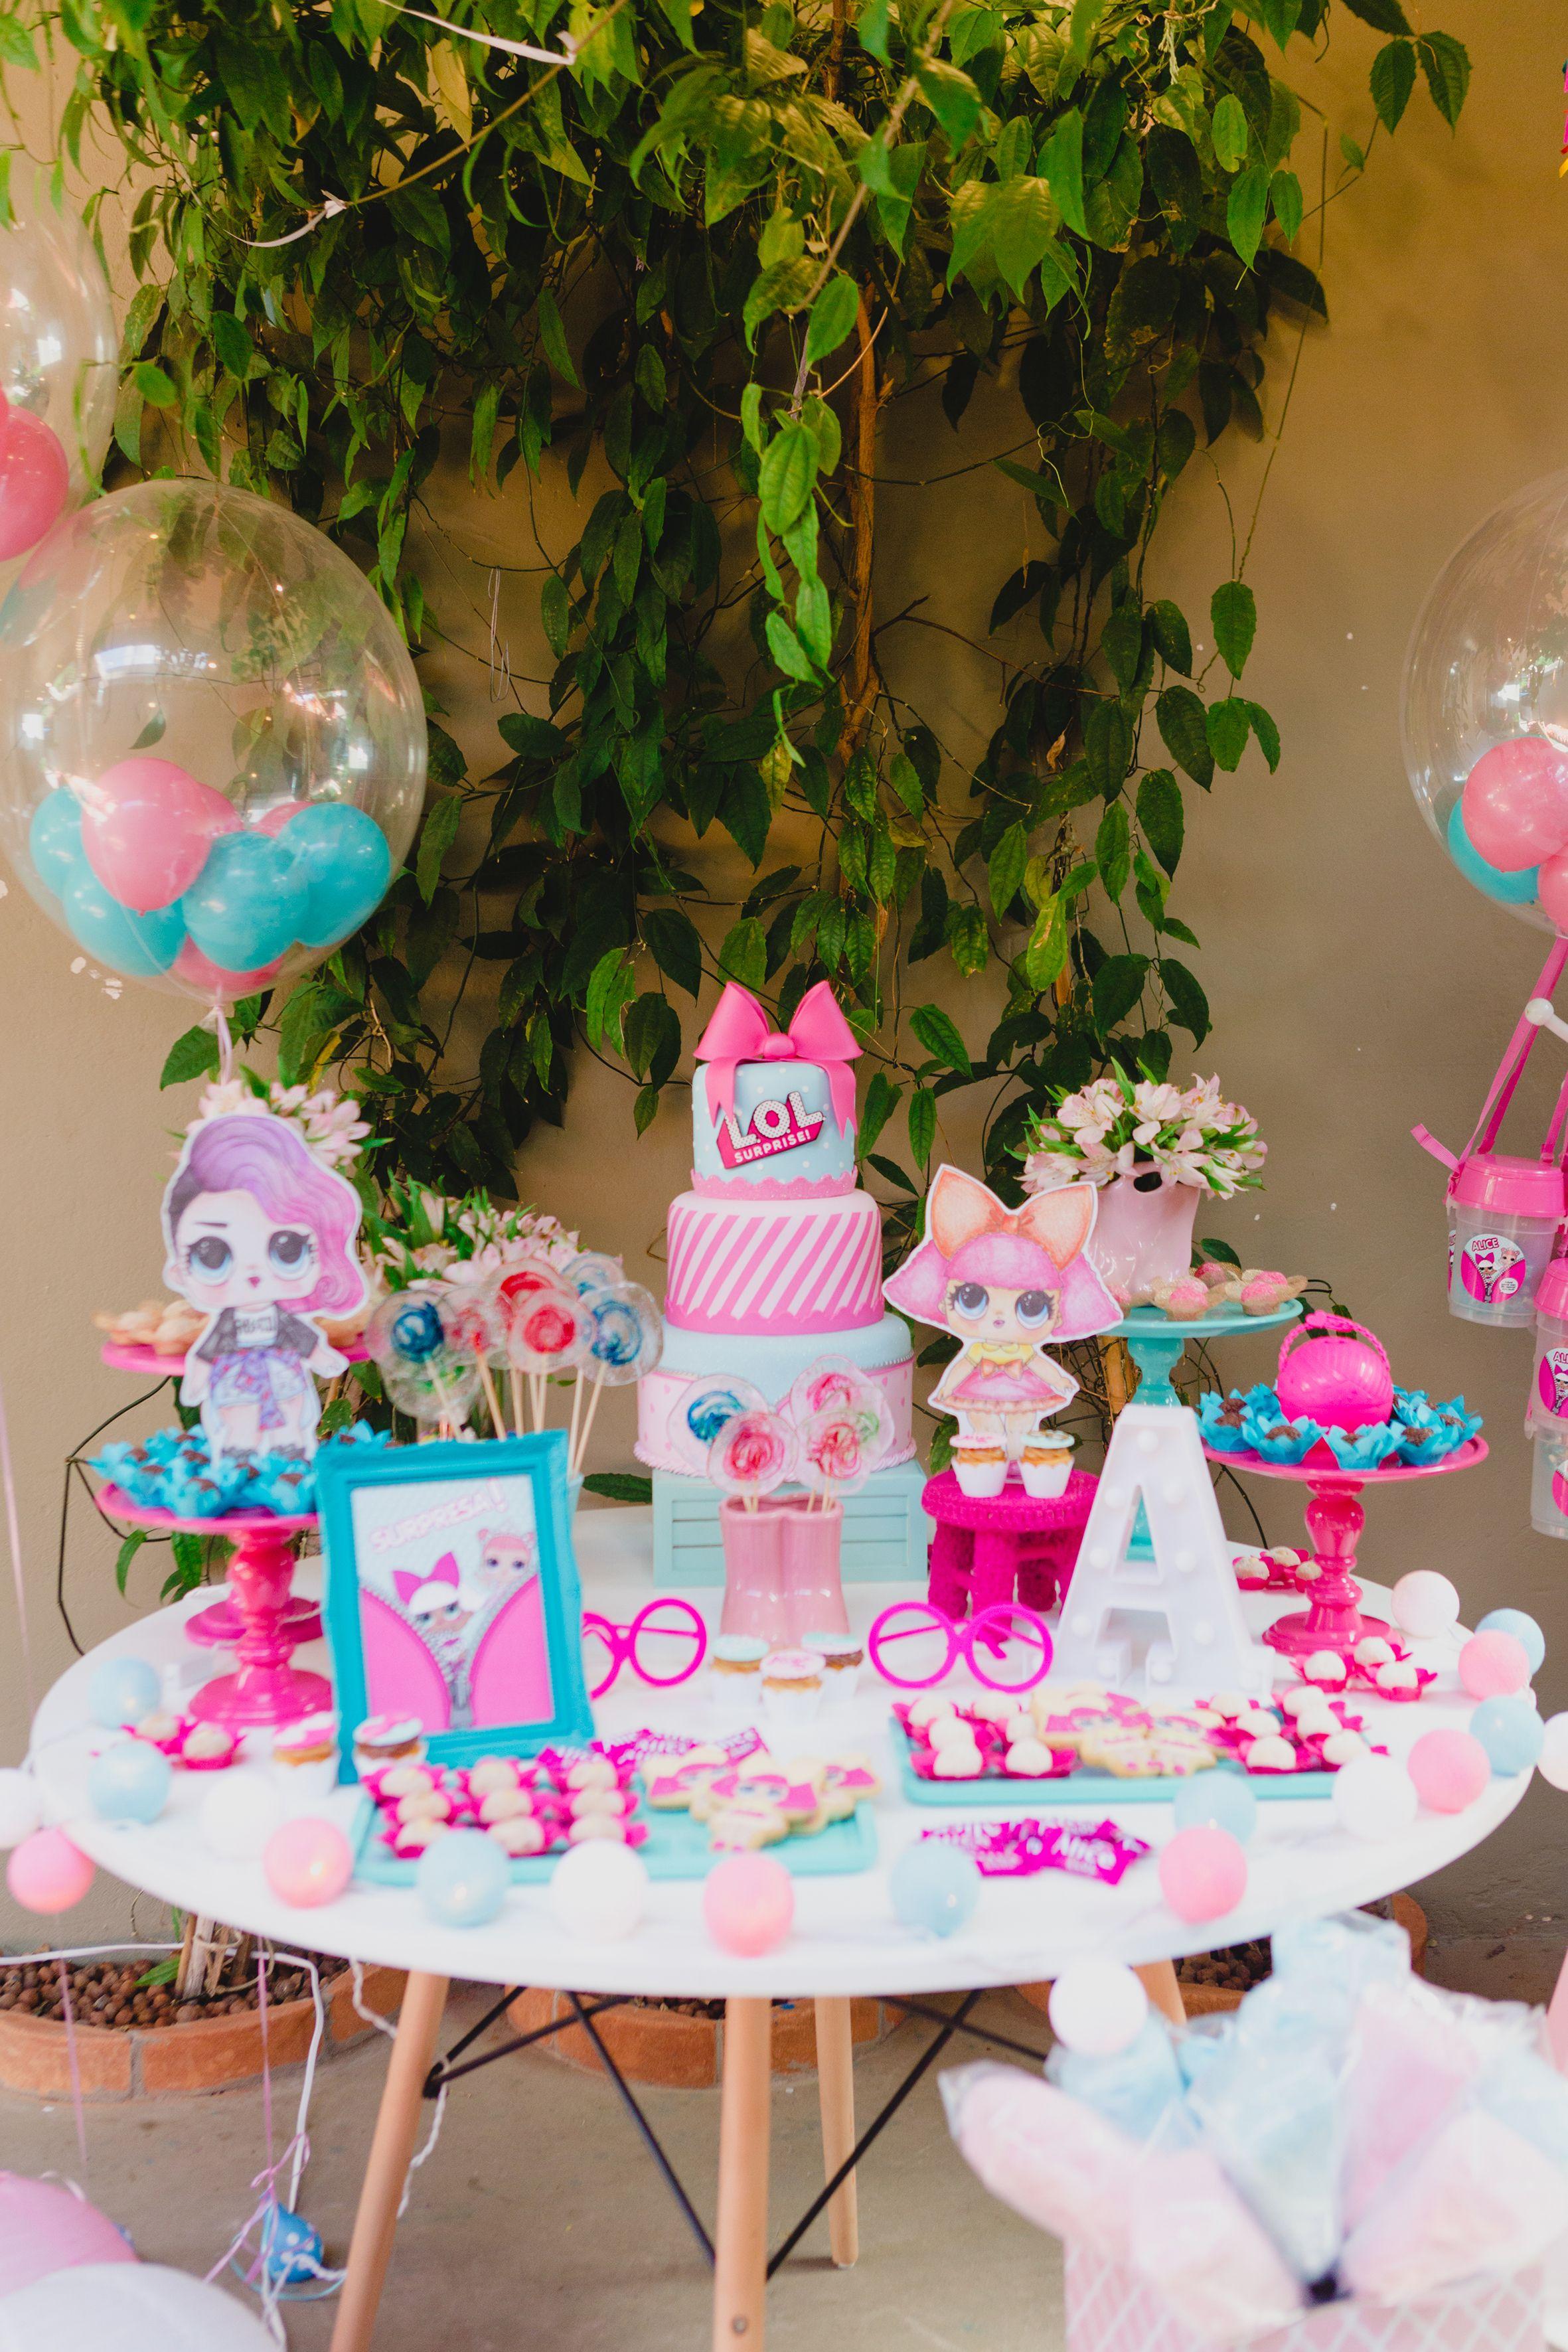 ec7a23680f Decoração festa infantil LOL Surprise por Festaria da Lu. Foto  Criativo  Infantil   Natan